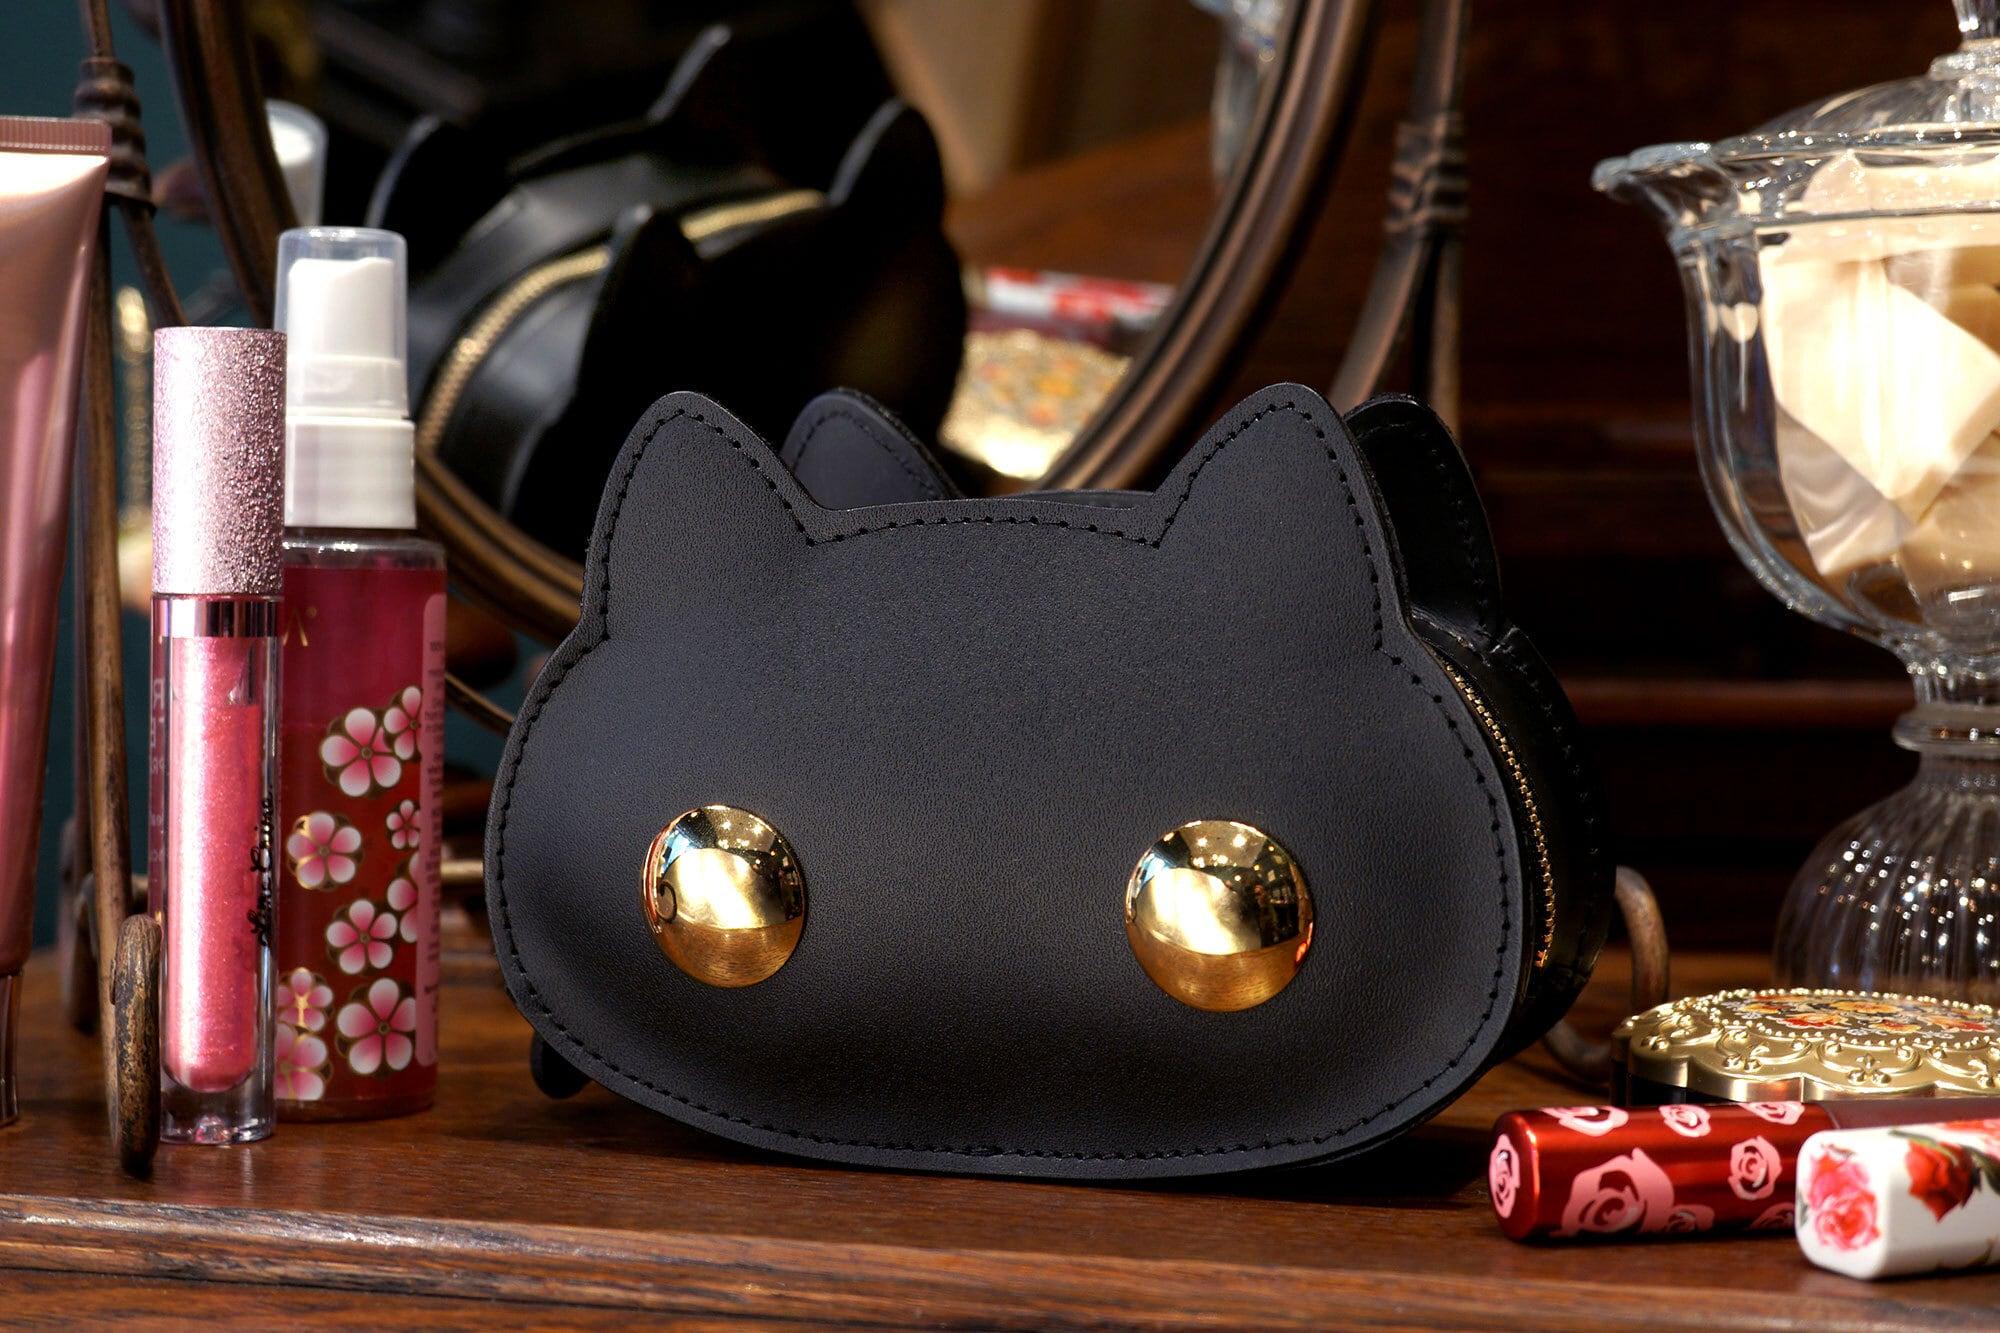 ねこすめぽーち 黒猫(猫顔の牛革製コスメポーチ)